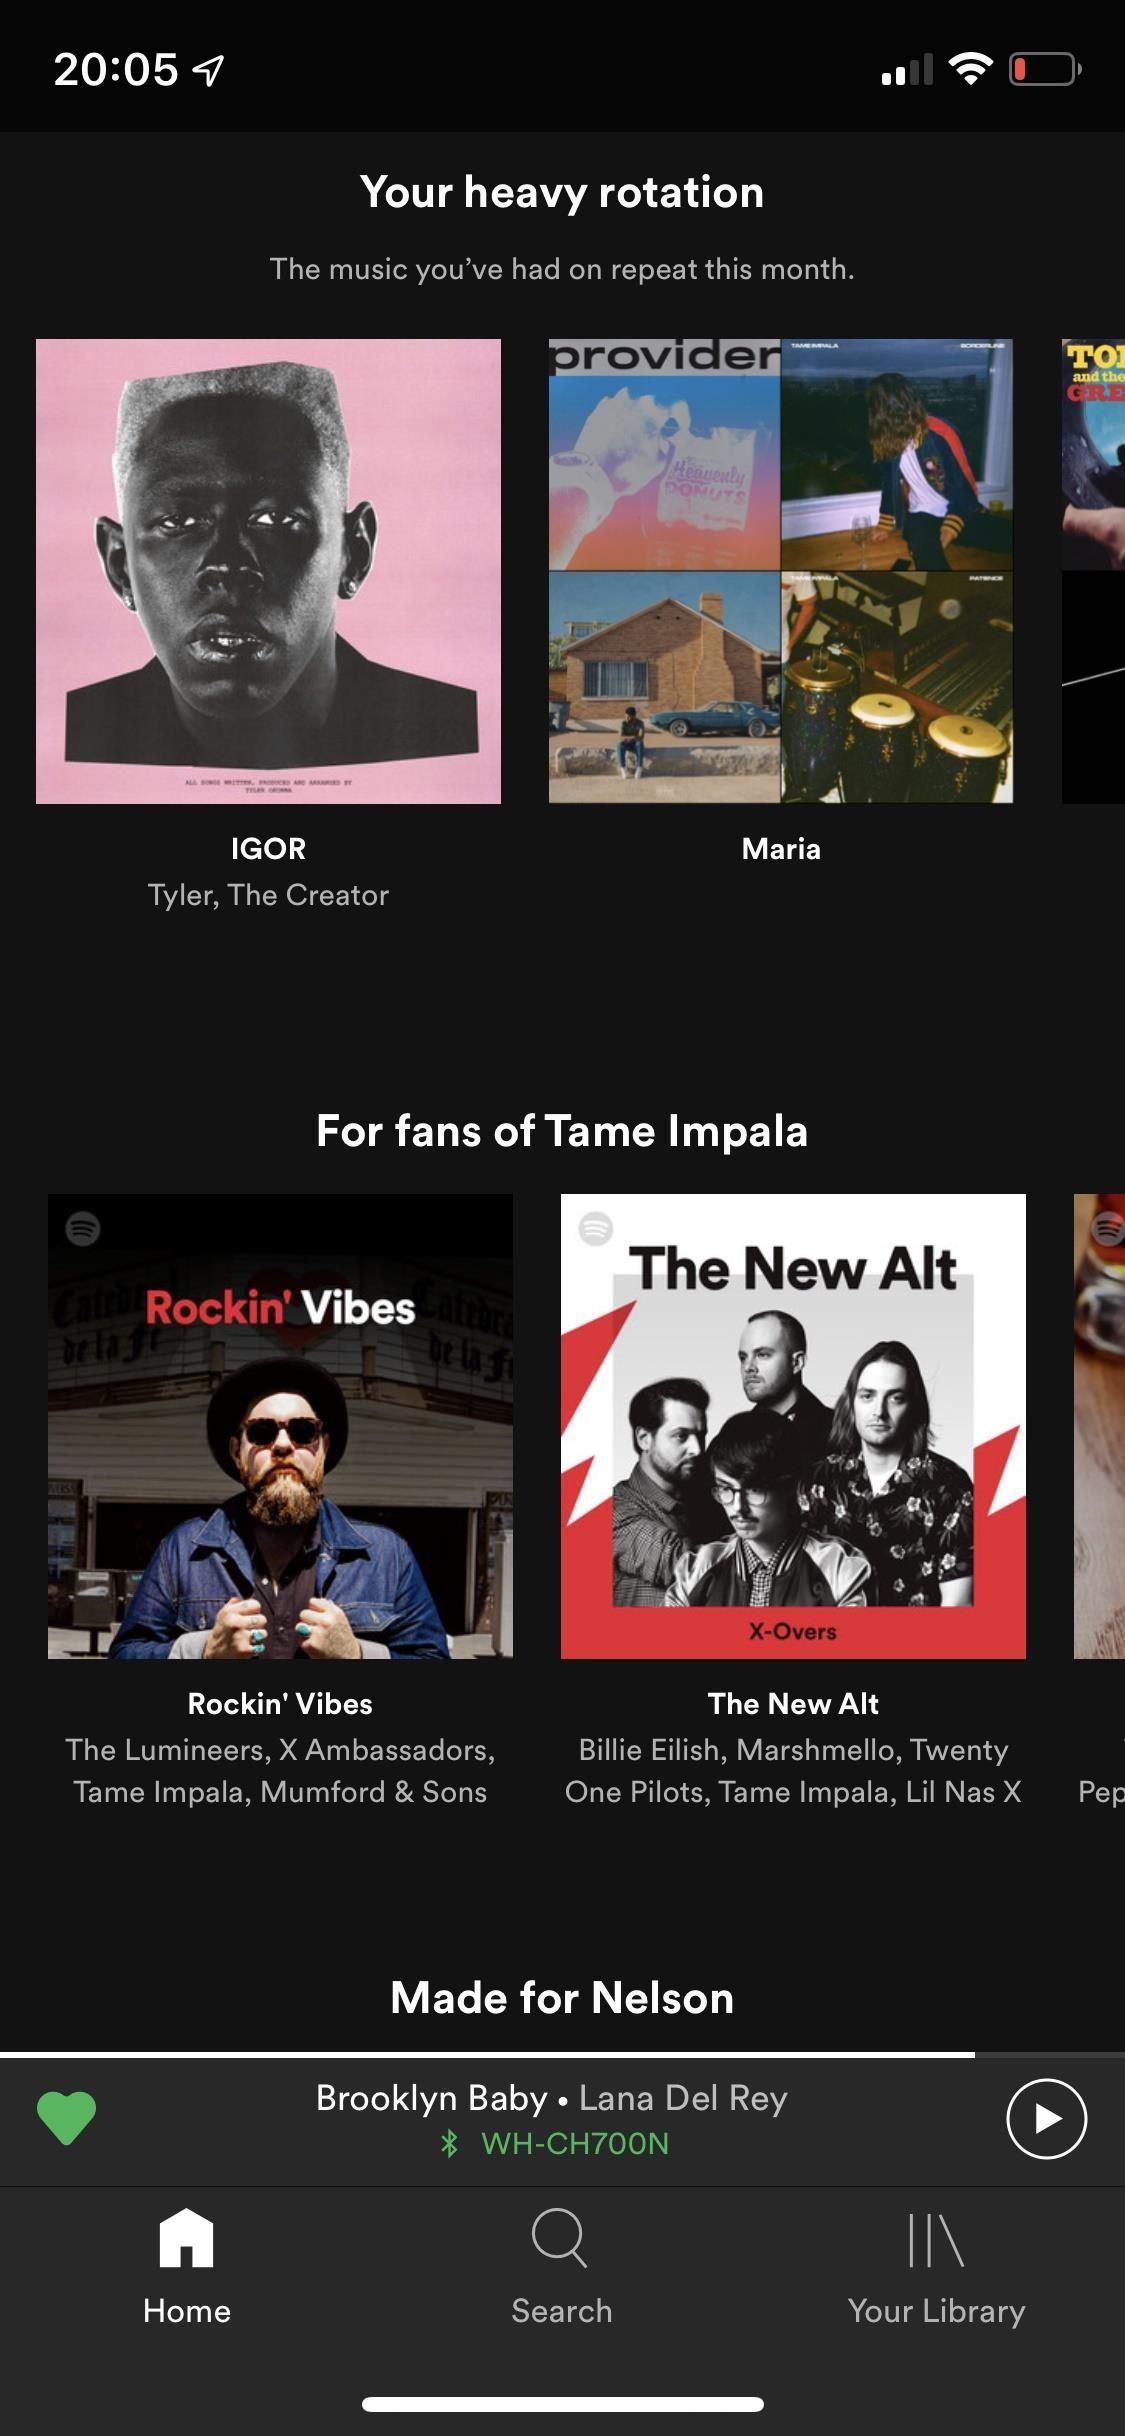 Beste Musik-Streaming-Dienste: Spotify vs. Apple vs. Pandora vs. Tidal vs. Deezer vs. Amazon